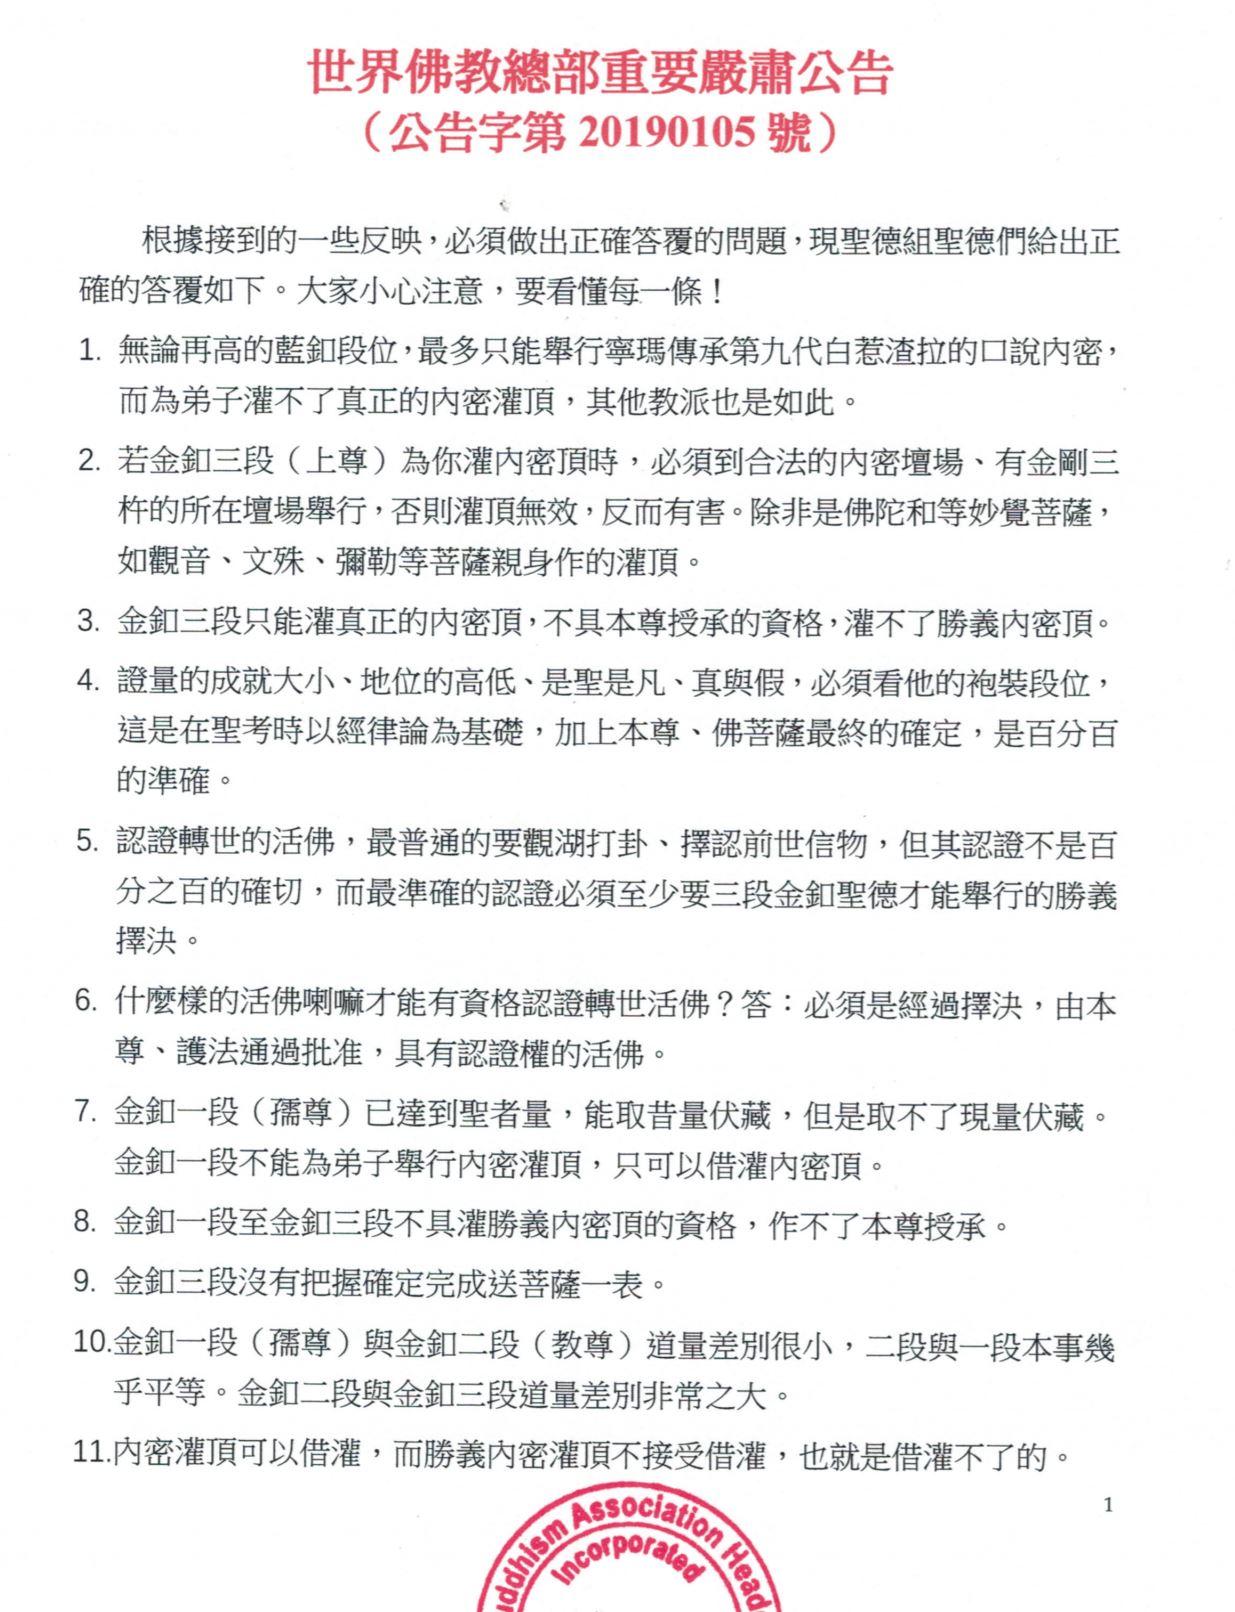 請大量轉發:世界佛教總部重要嚴肅公告(公告字第20190105號)-1